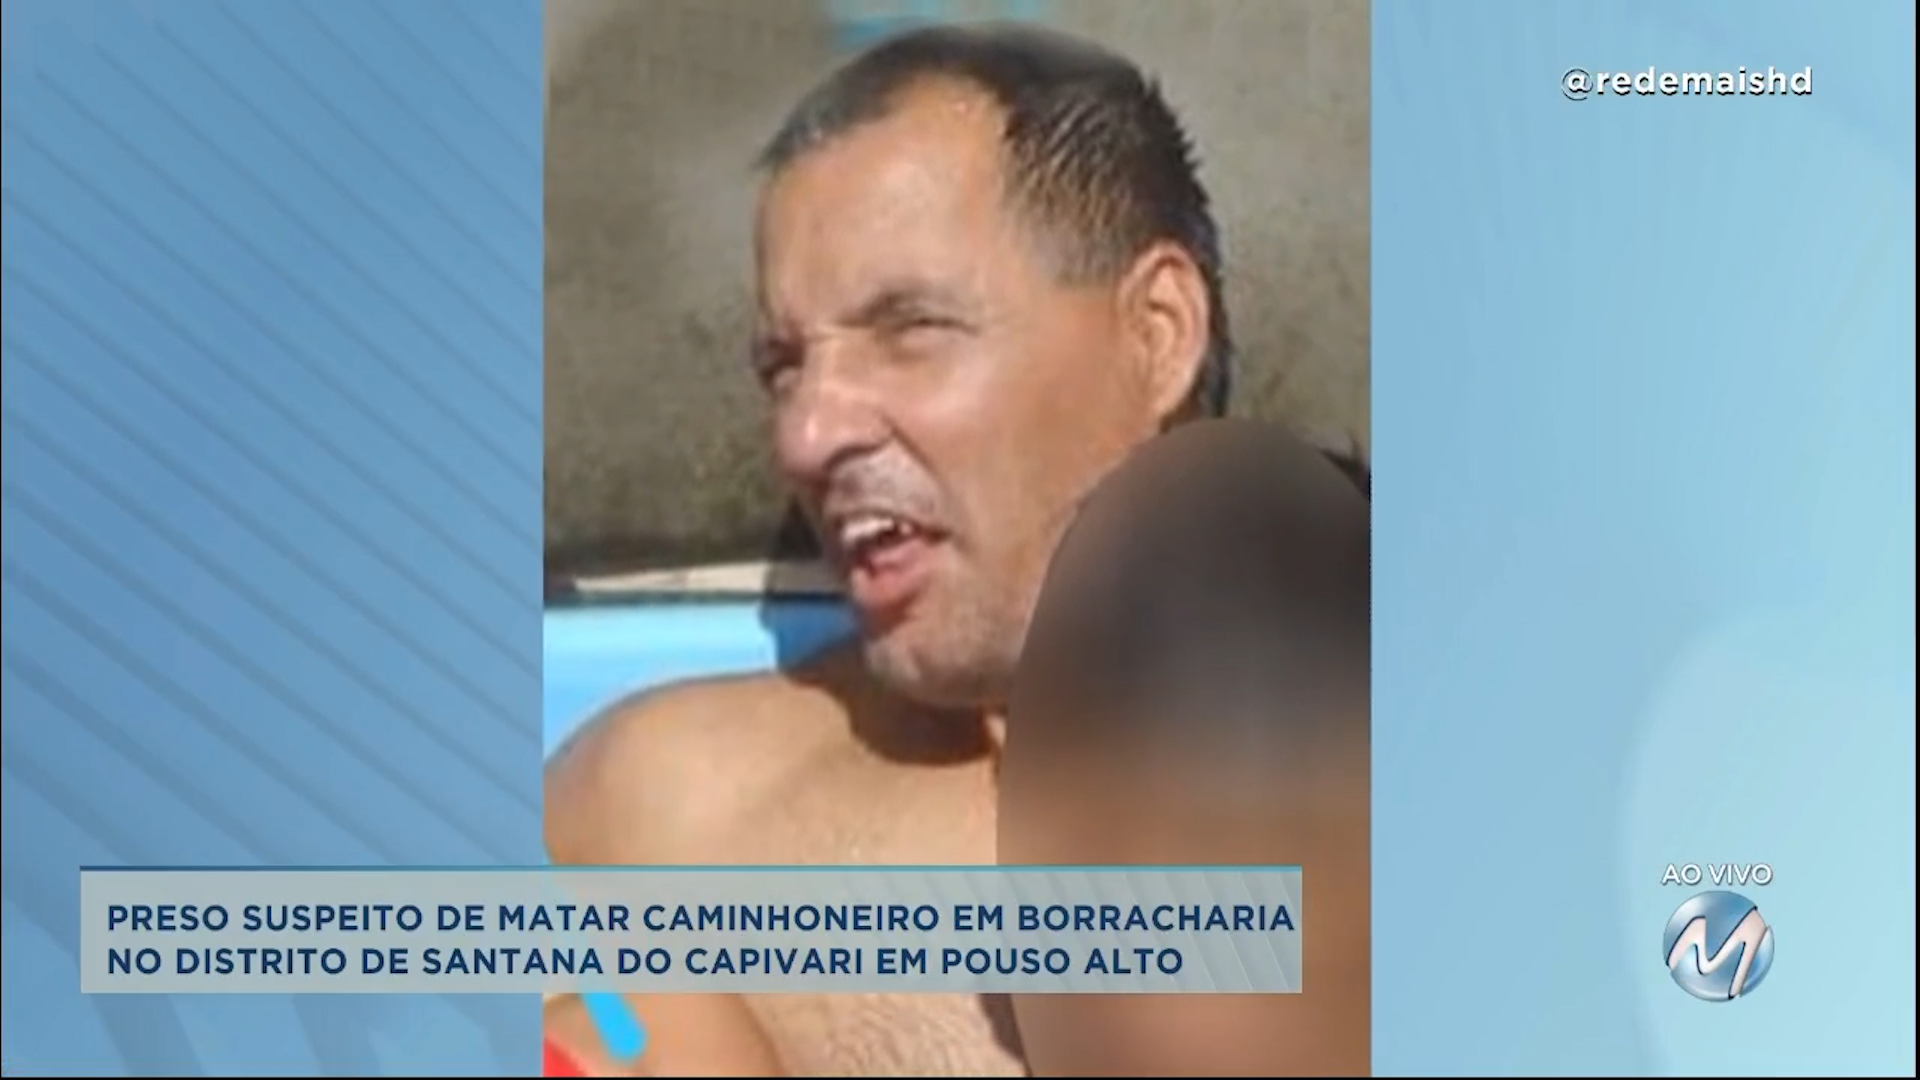 Preso suspeito de matar caminhoneiro em borracharia no Distrito de Santana do Capivari